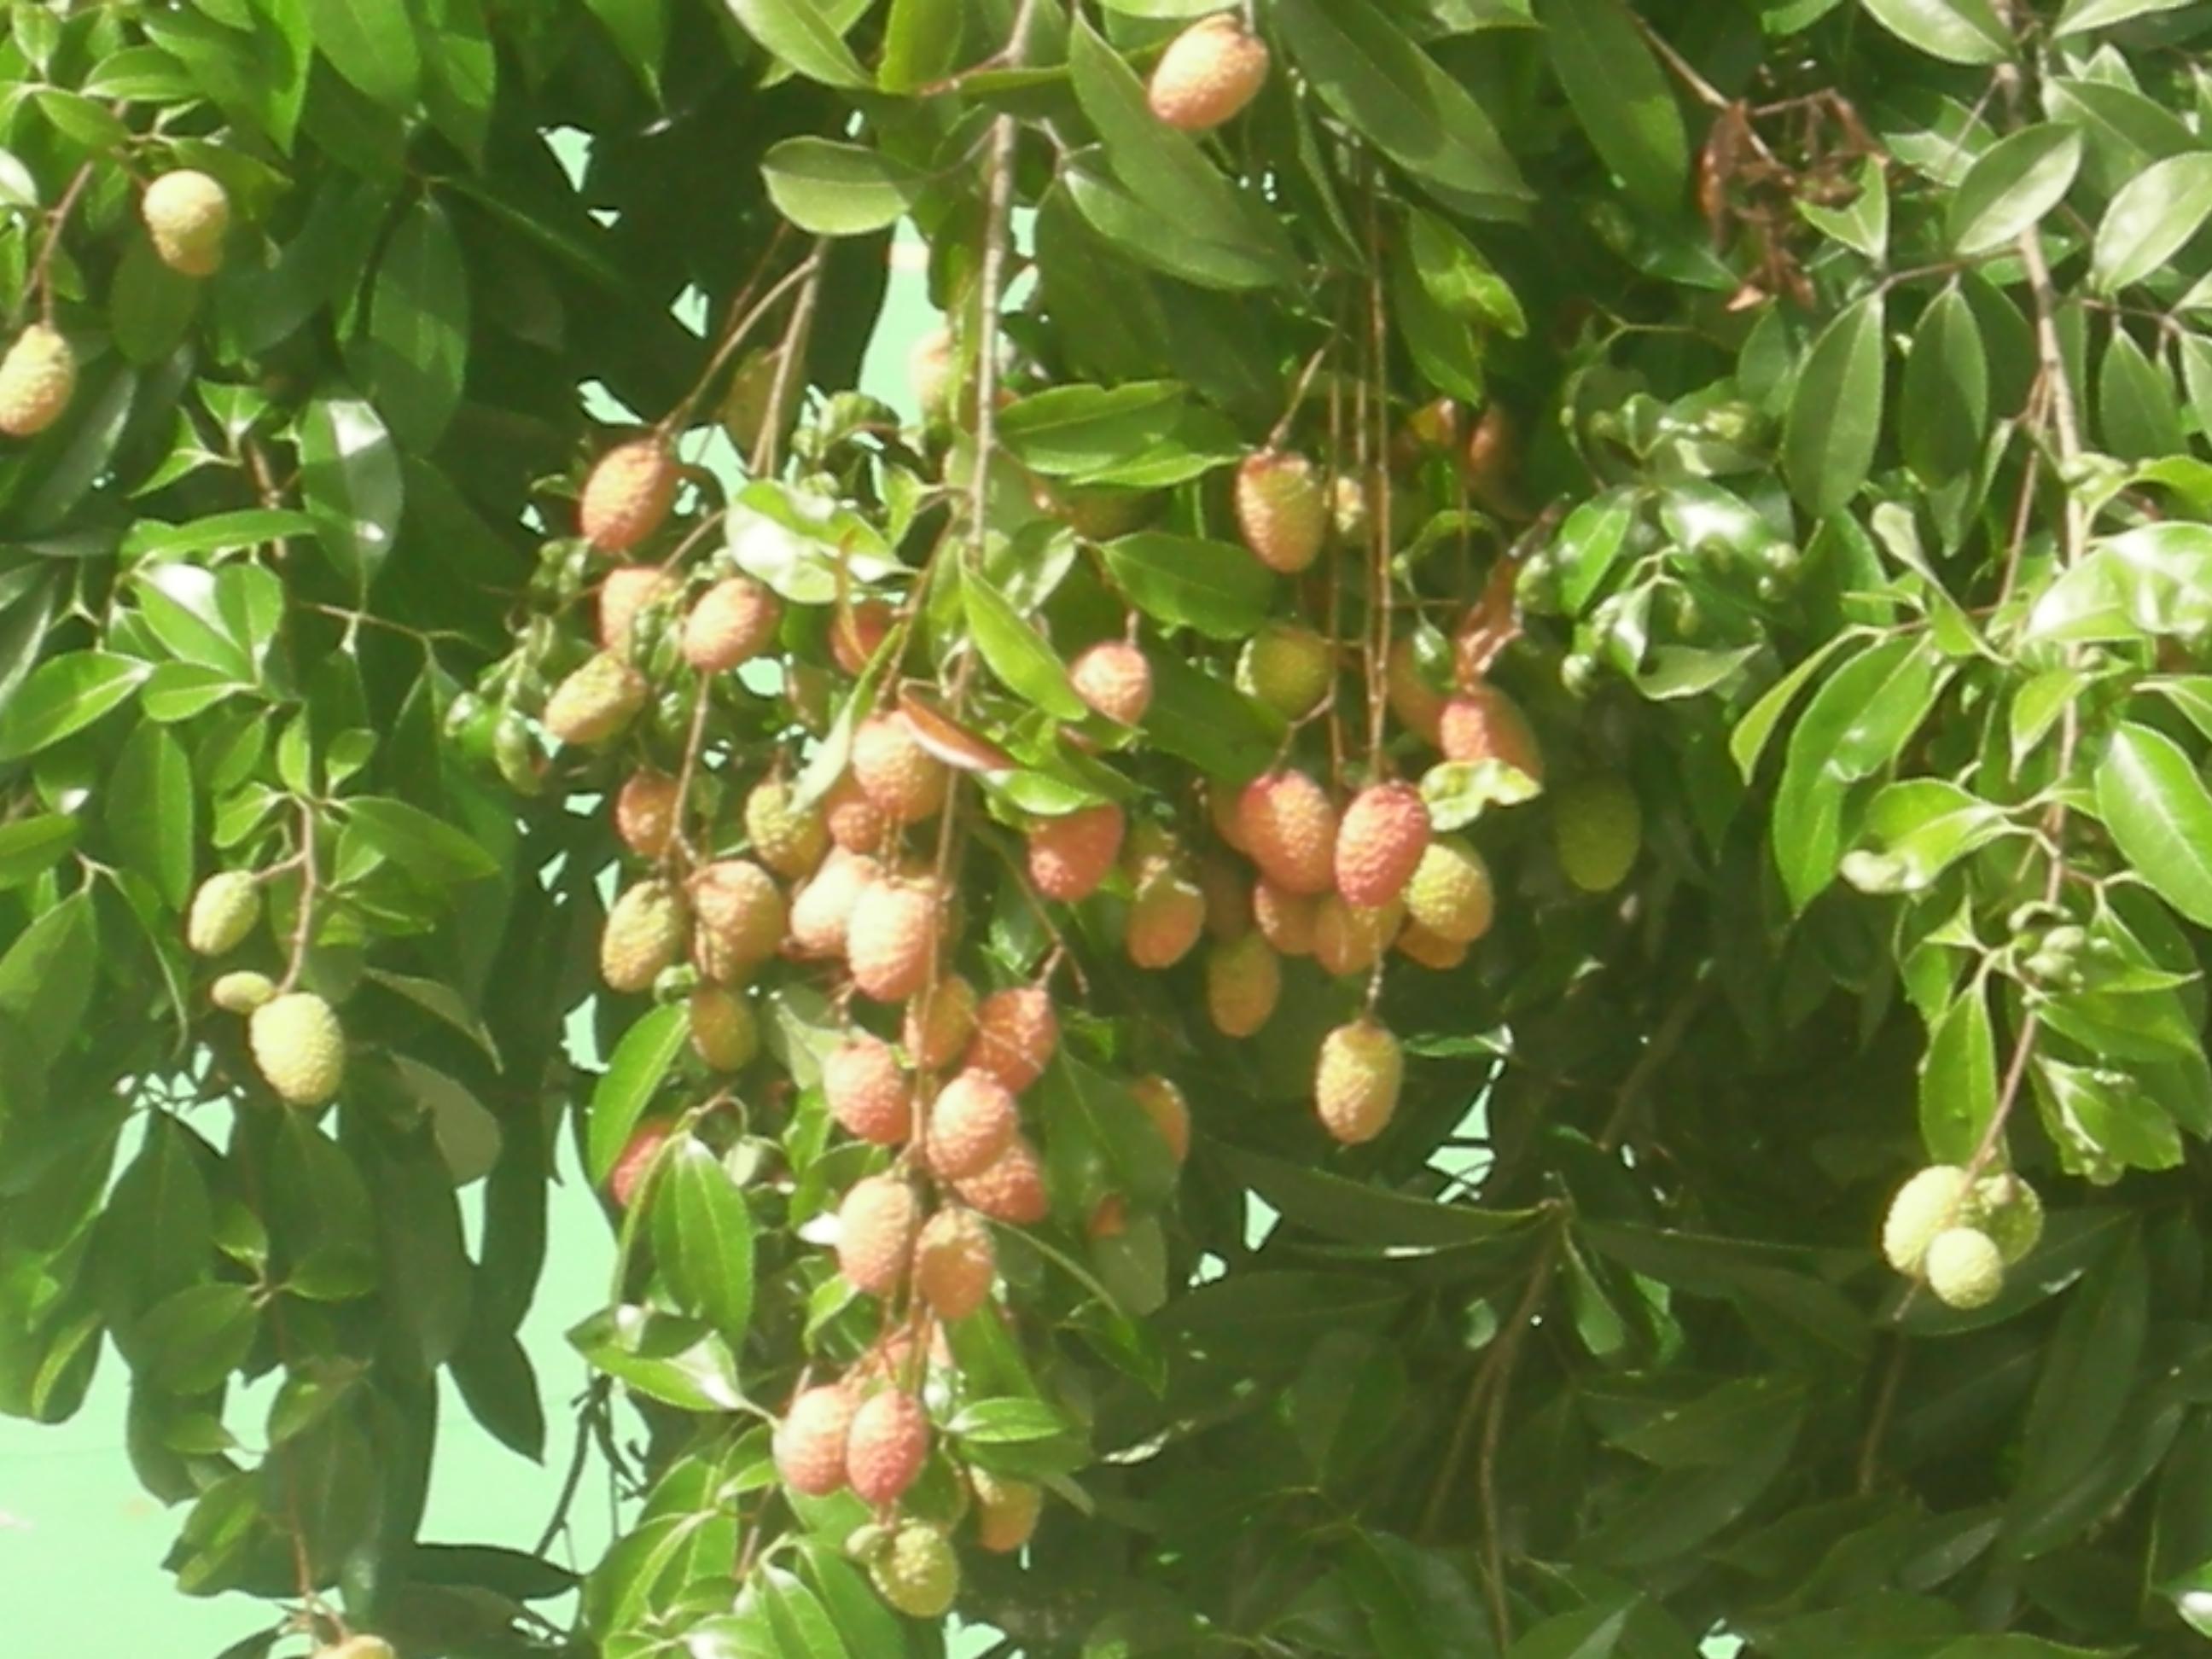 ... selling rambutan, so-called hairy lychee fruit - (768x512 - 156kB